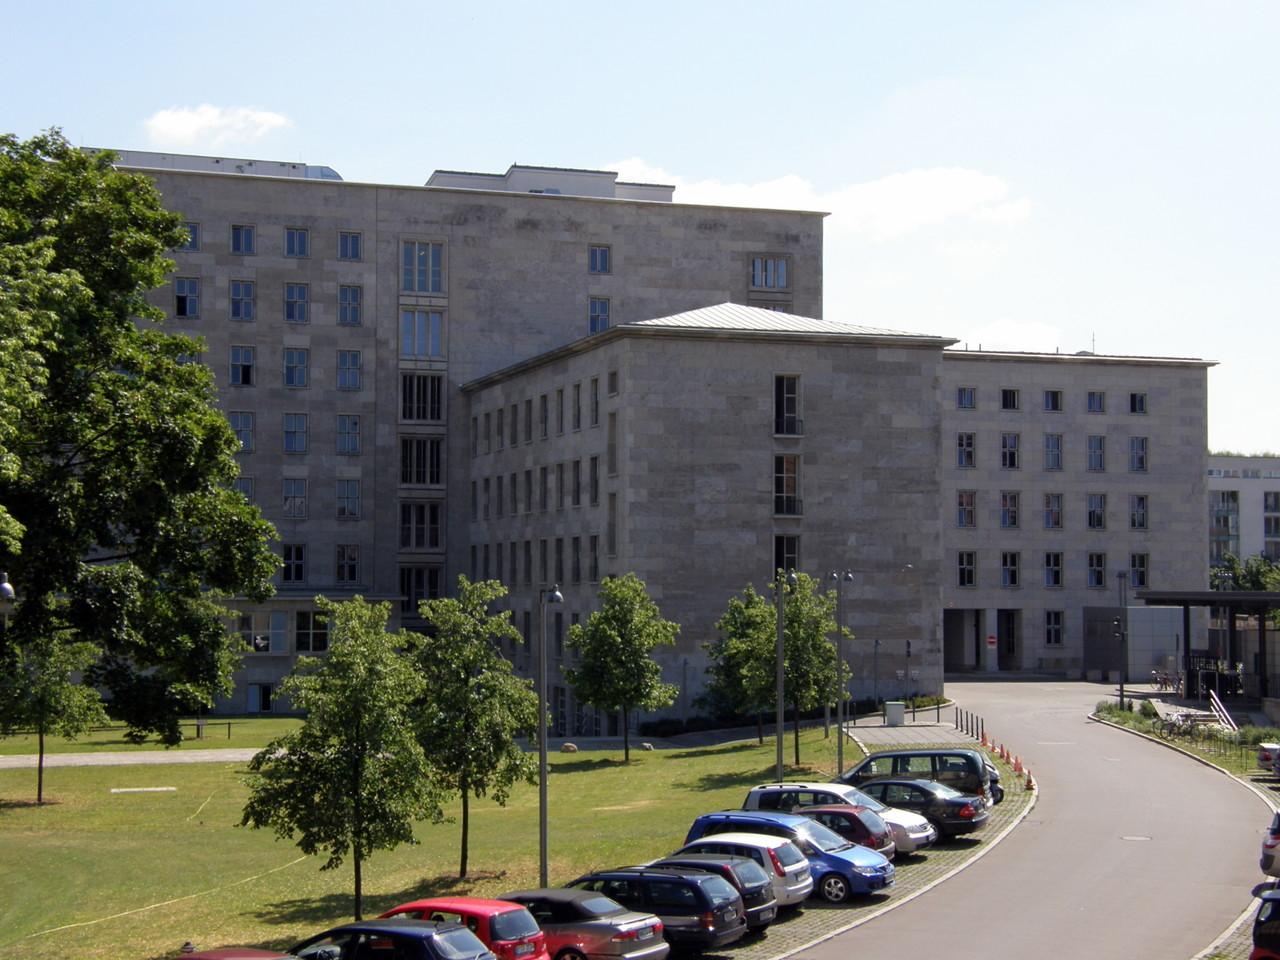 ... und links daneben das ehemalige Reichsluftfahrtministerium, ...